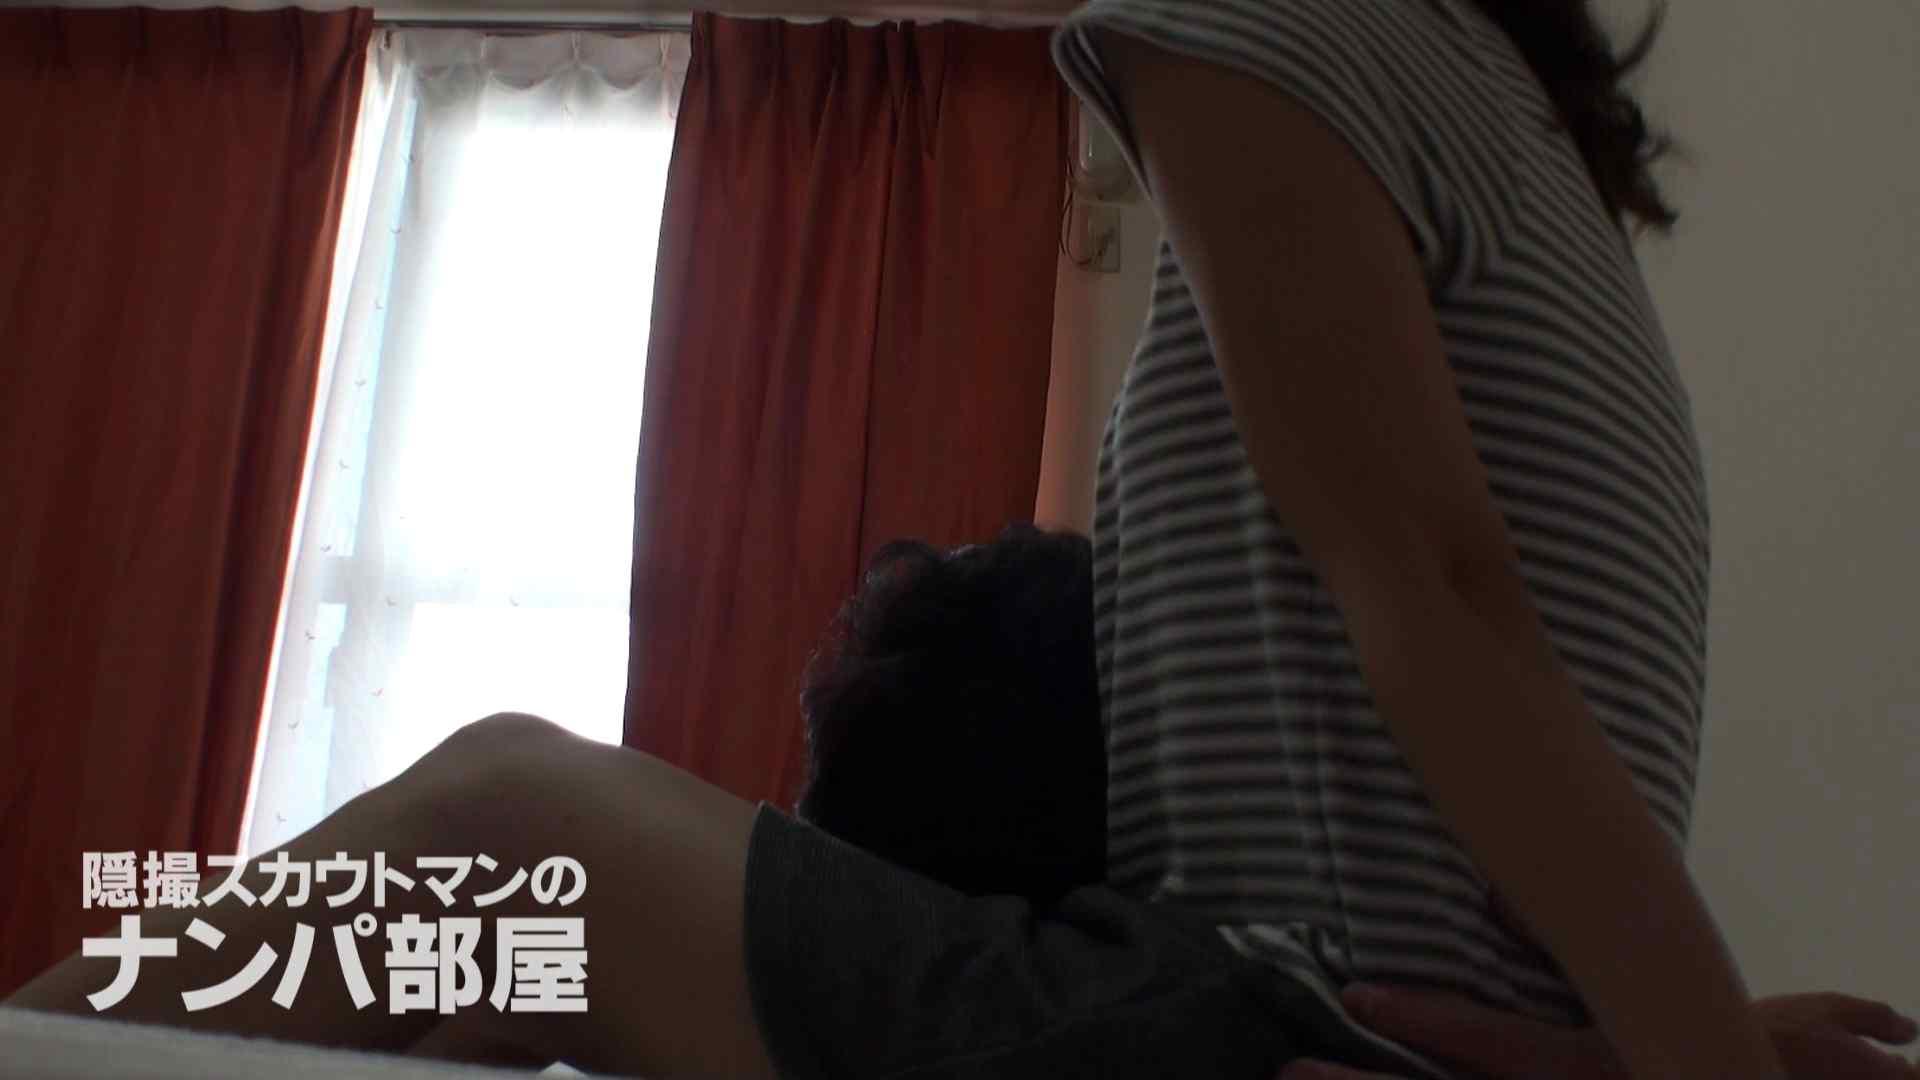 隠撮スカウトマンのナンパ部屋~風俗デビュー前のつまみ食い~ siivol.3 隠撮  105連発 64